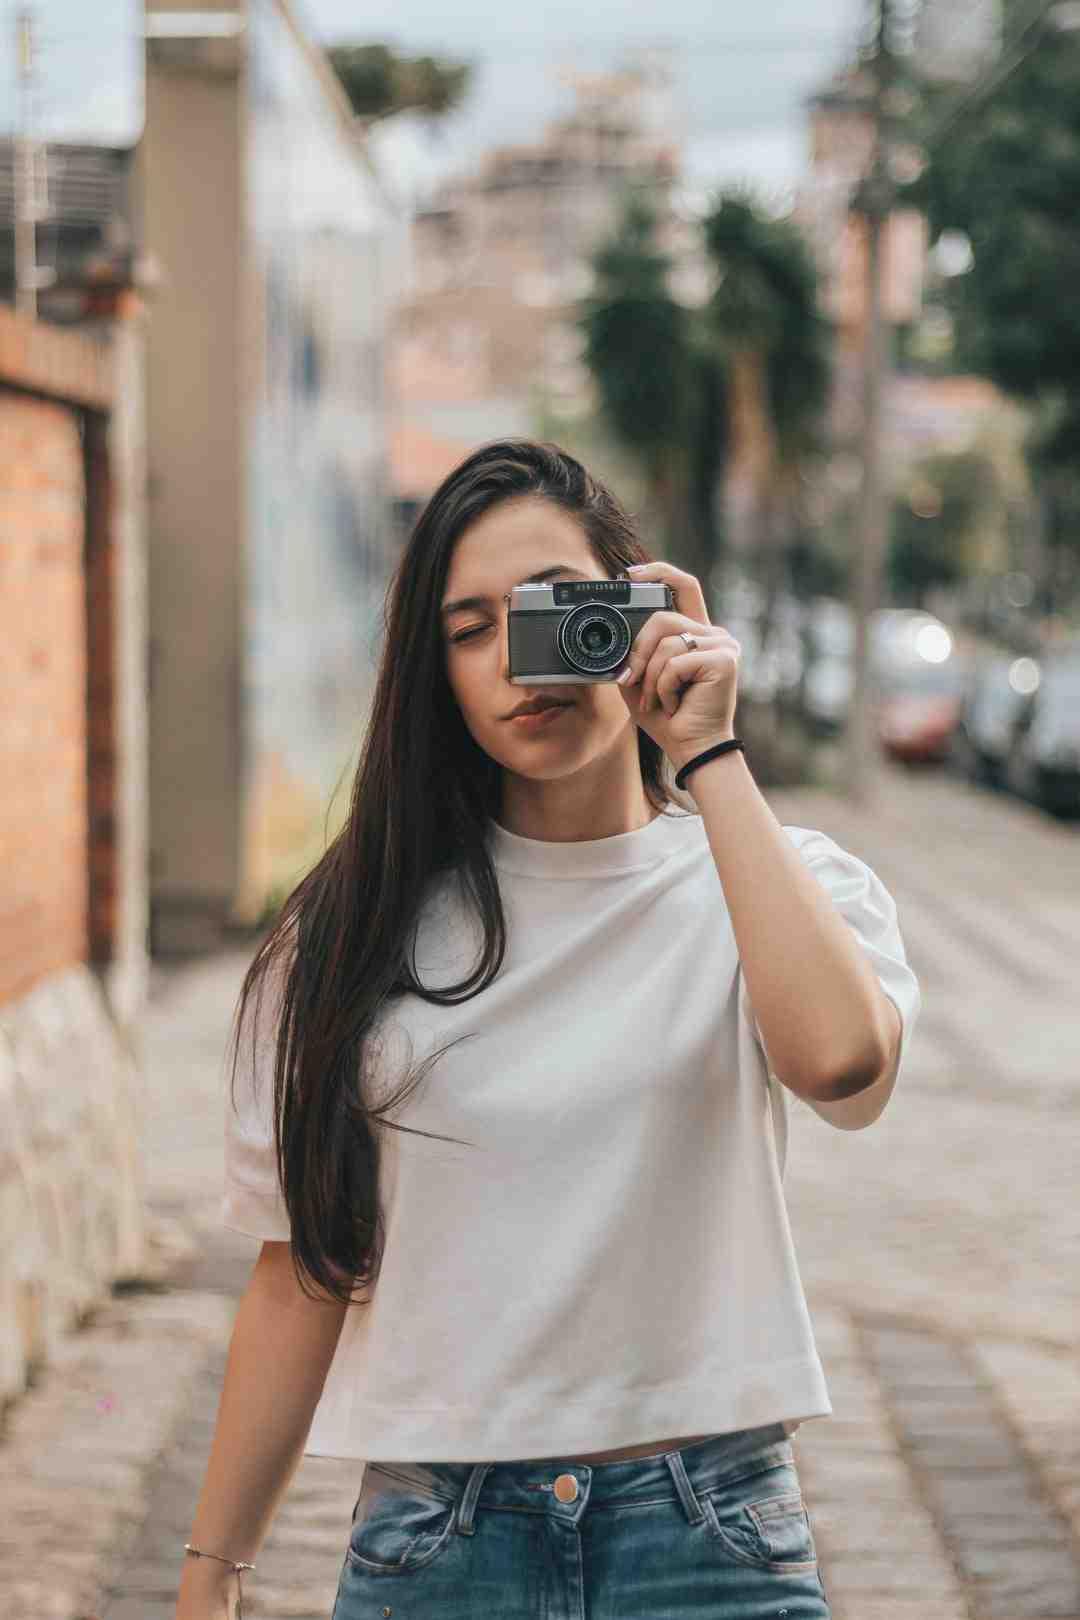 Comment enregistrer des photos dans un dossier ?